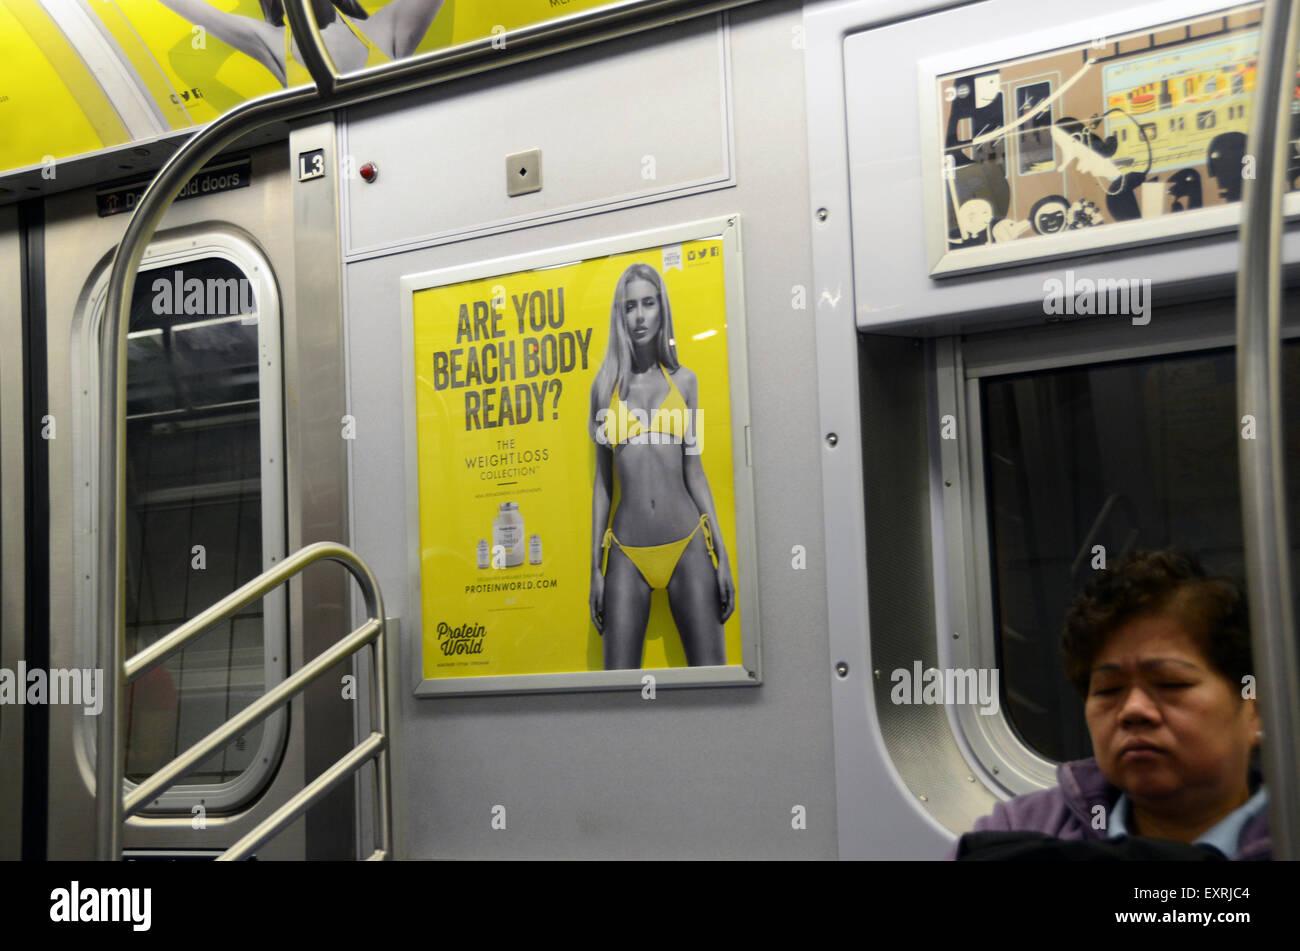 Protein Welt Anzeige Strand Körper bereit Gewicht Verlust Sammlung u-Bahn Rohr u Anzeige umstrittene Plakat Stockbild